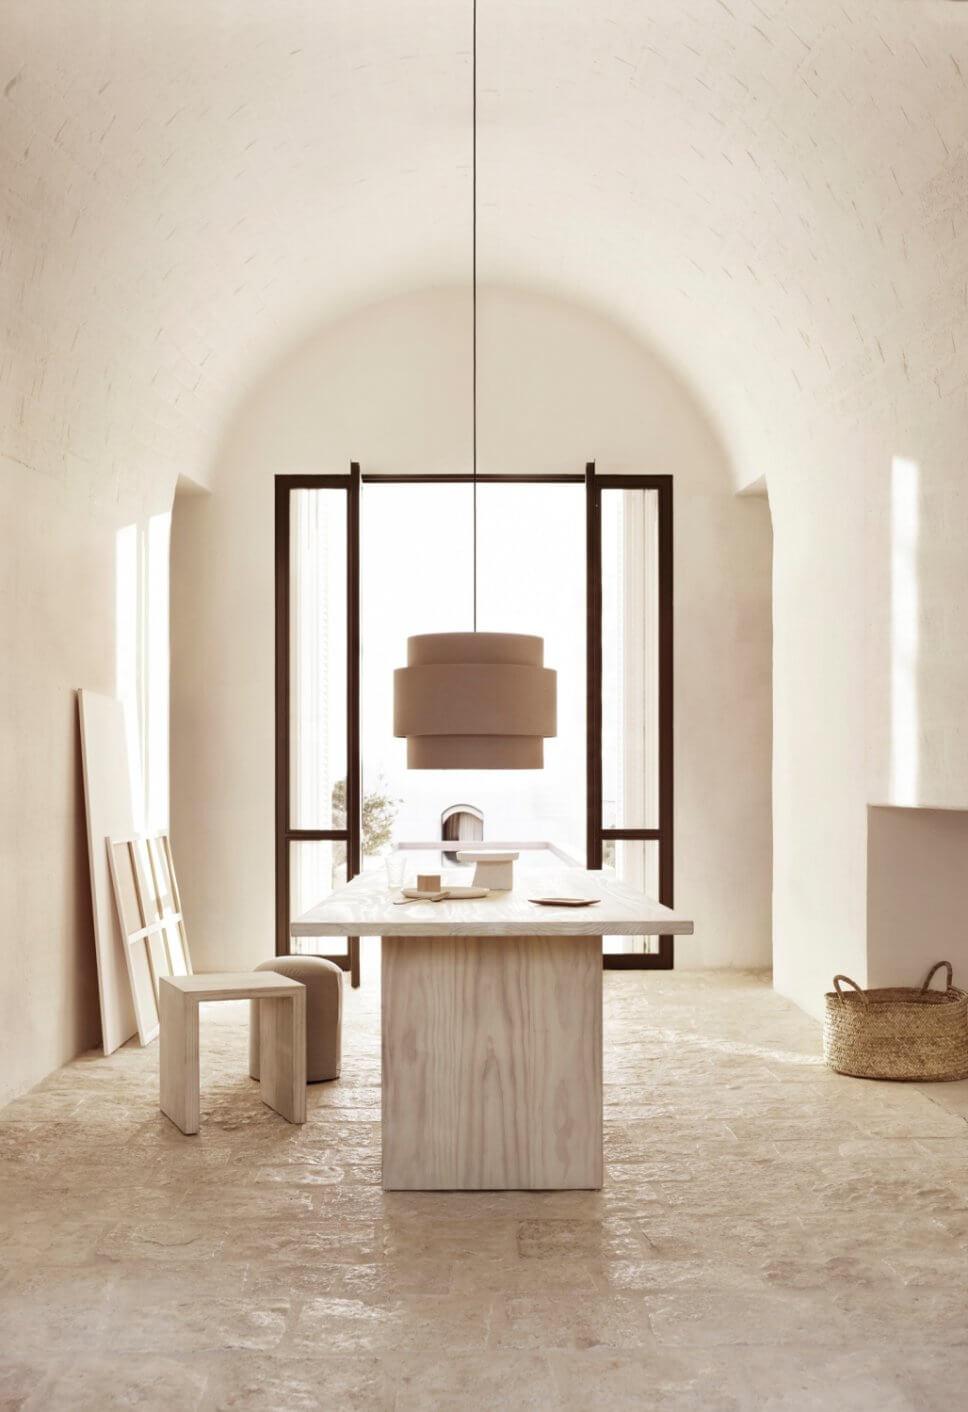 Modernes Esszimmer mit Tisch, Hockern und Hängelampe in mediterranem Haus mit steinerner Gewölbedecke